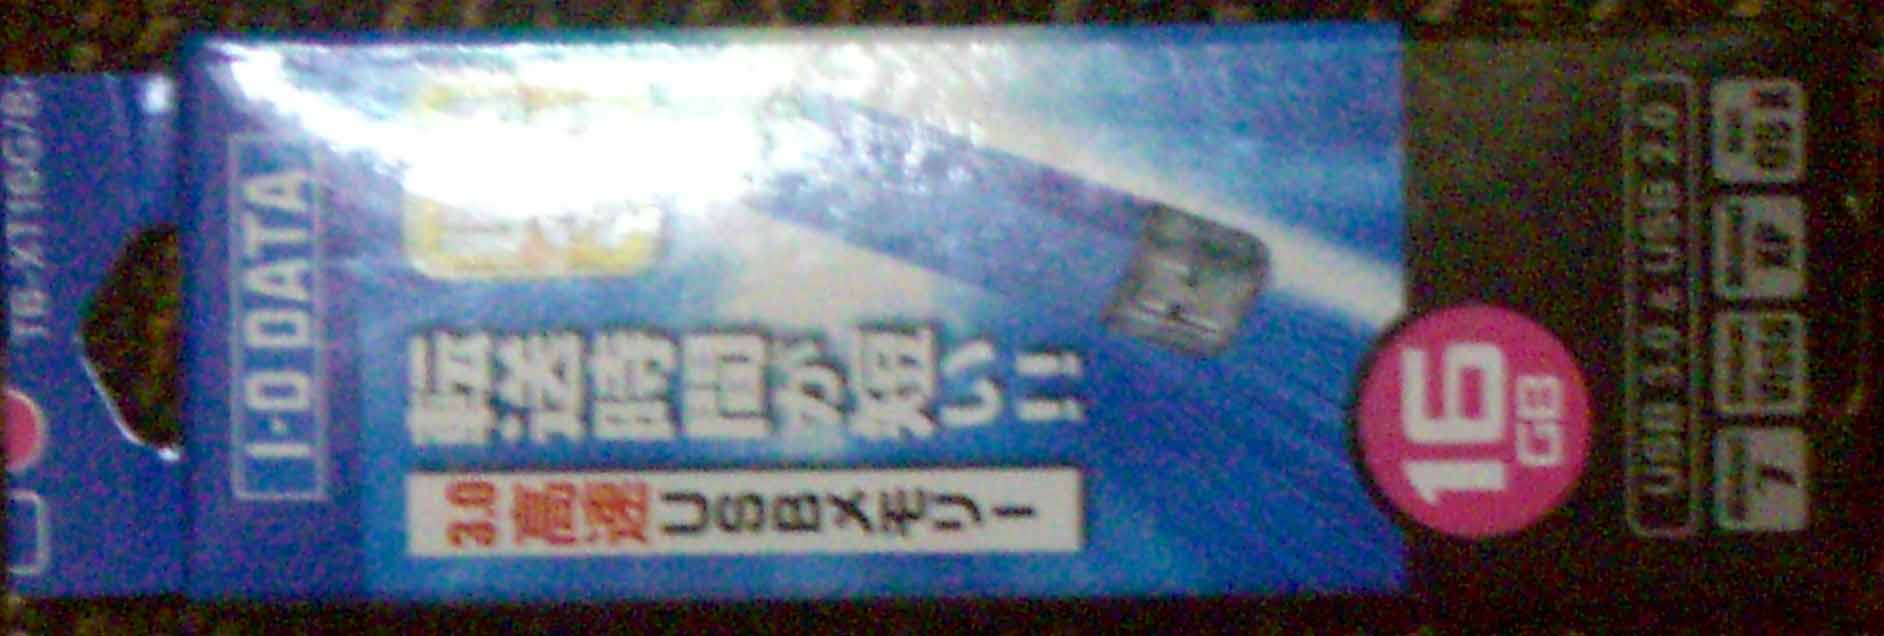 f0064066_16471290.jpg